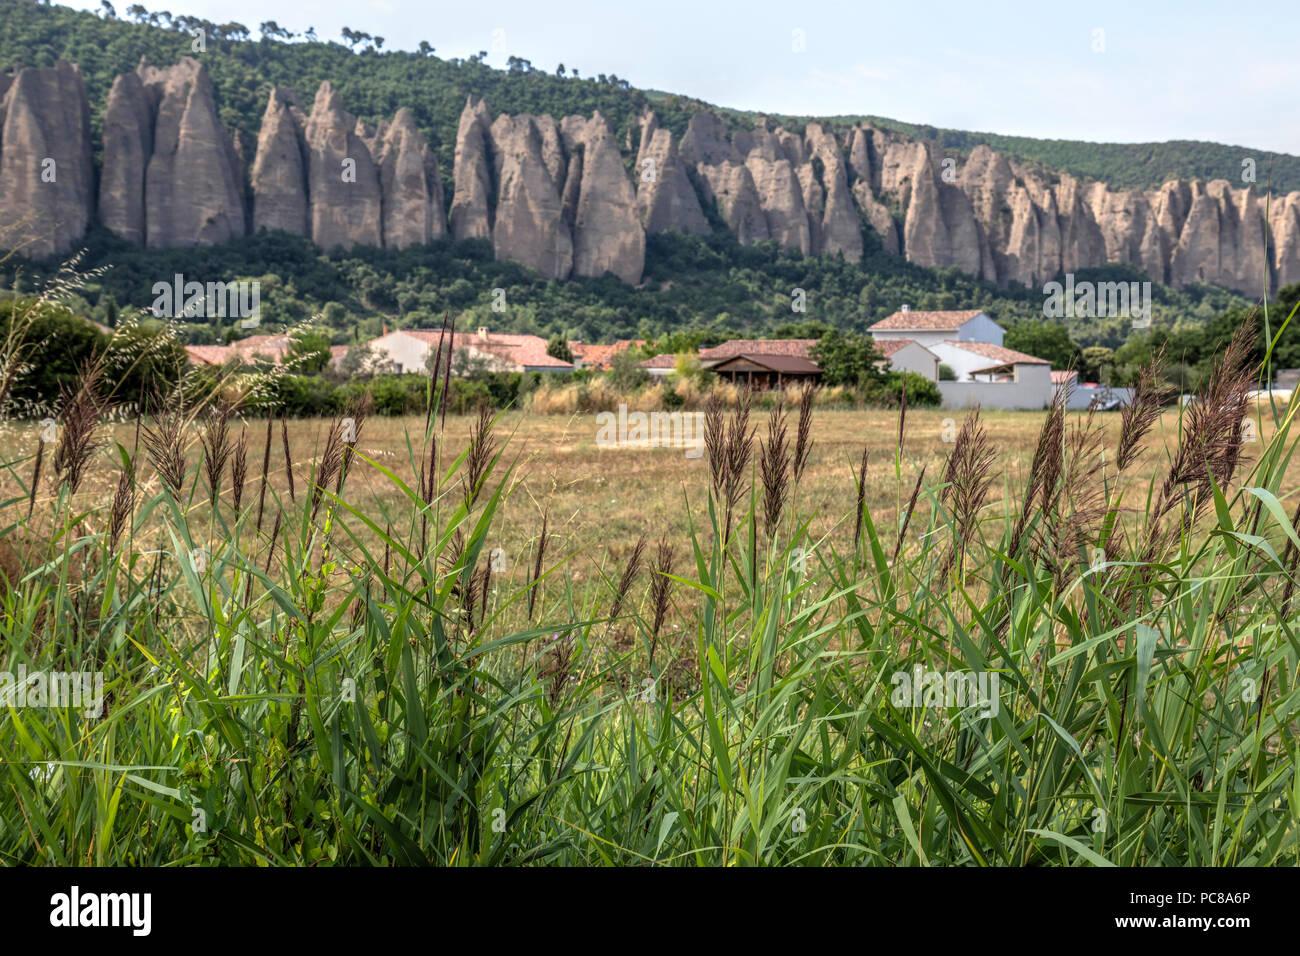 Les Mees, Alpes-de-Haute-Provence, Provence, France - Stock Image